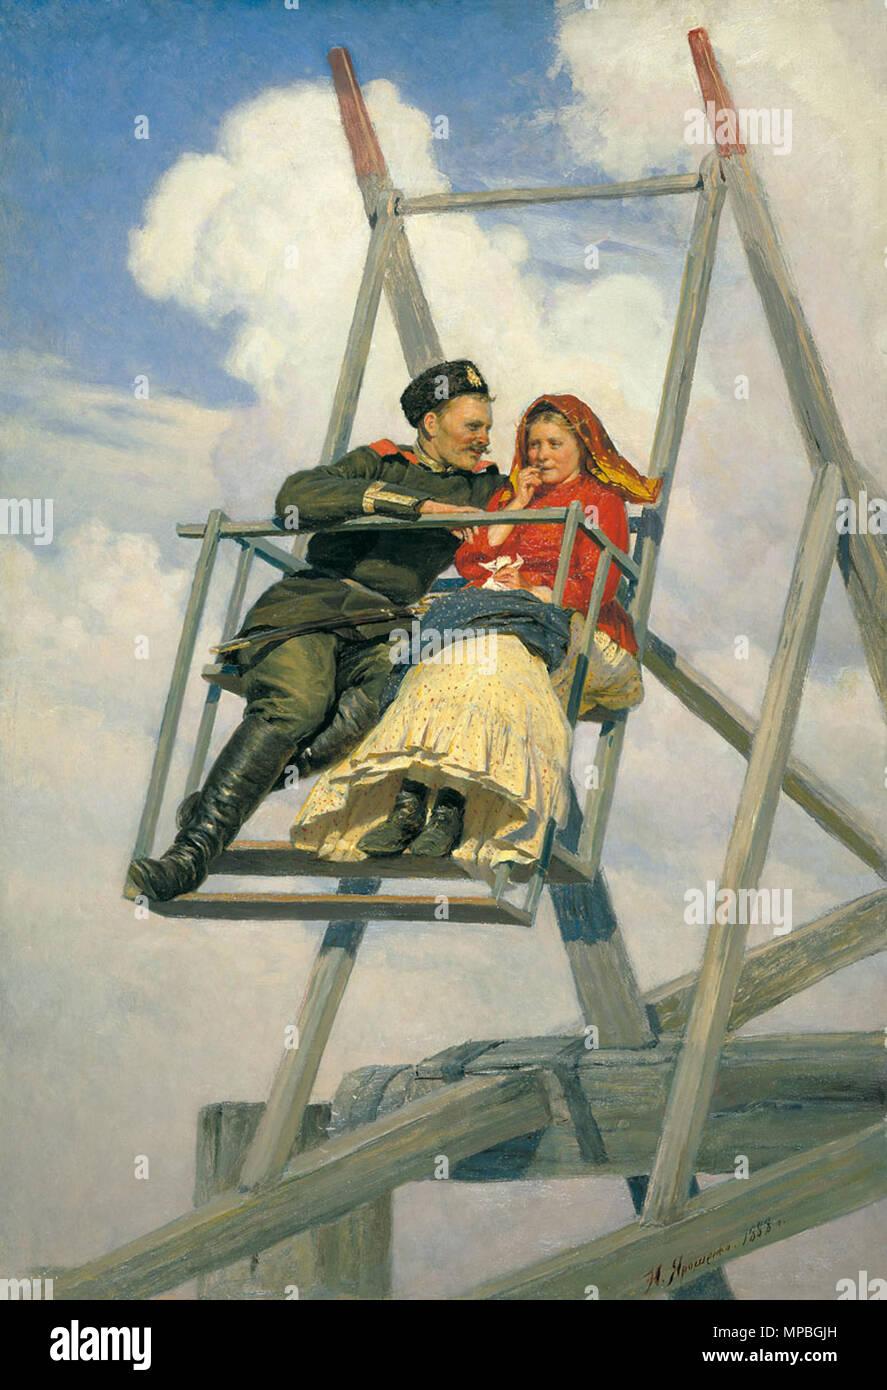 Russkij Na Kachelyah Englisch Auf Der Schaukel 1888 929 Nikolaj